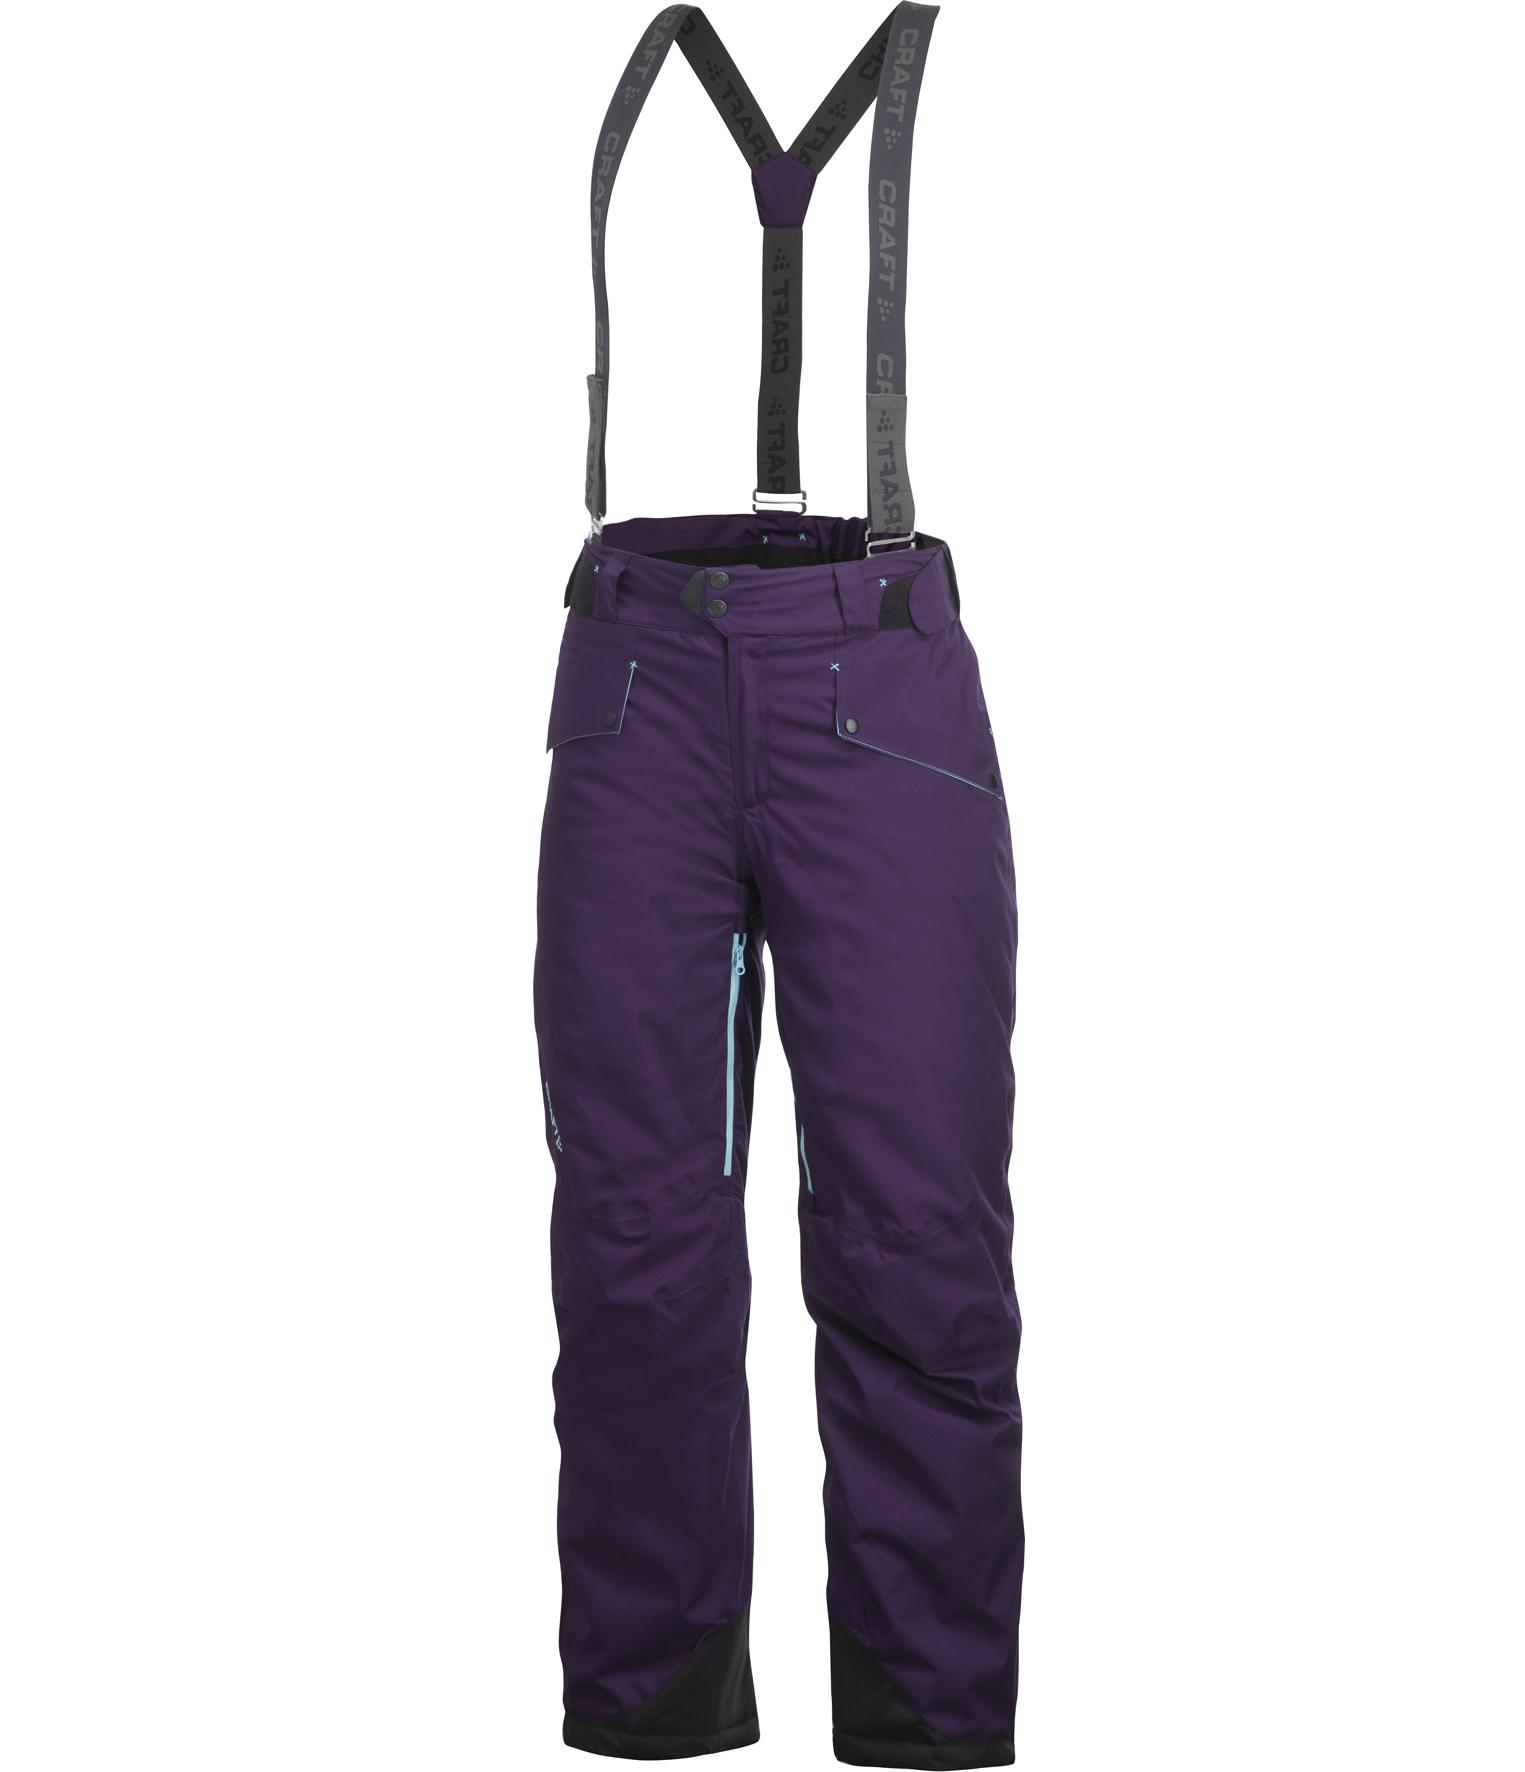 Брюки Craft Warm женские фиолетовые 1901763-2399